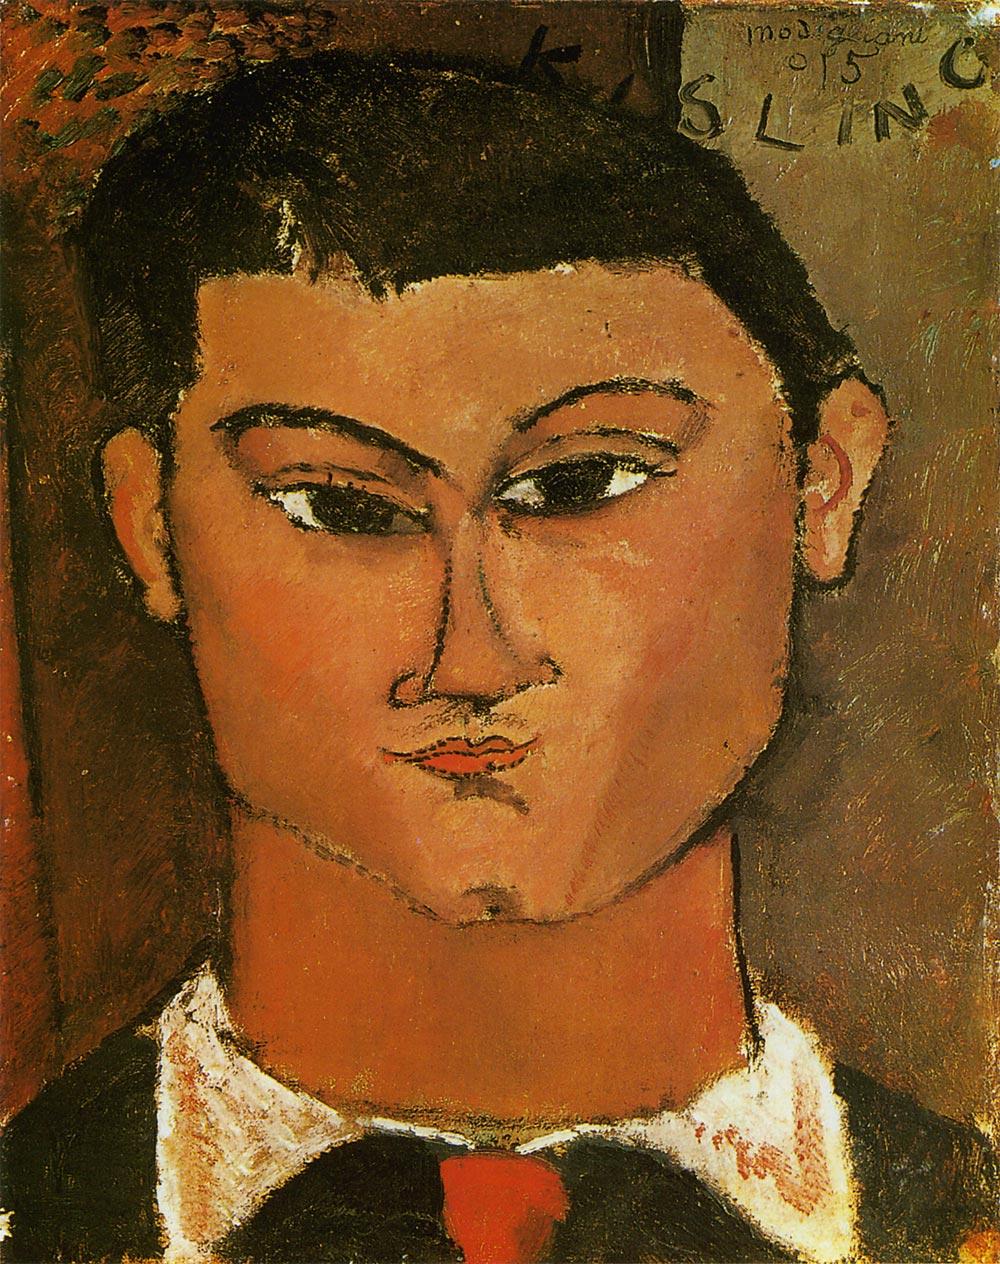 モイズ・キスリングの肖像 モディリアーニ